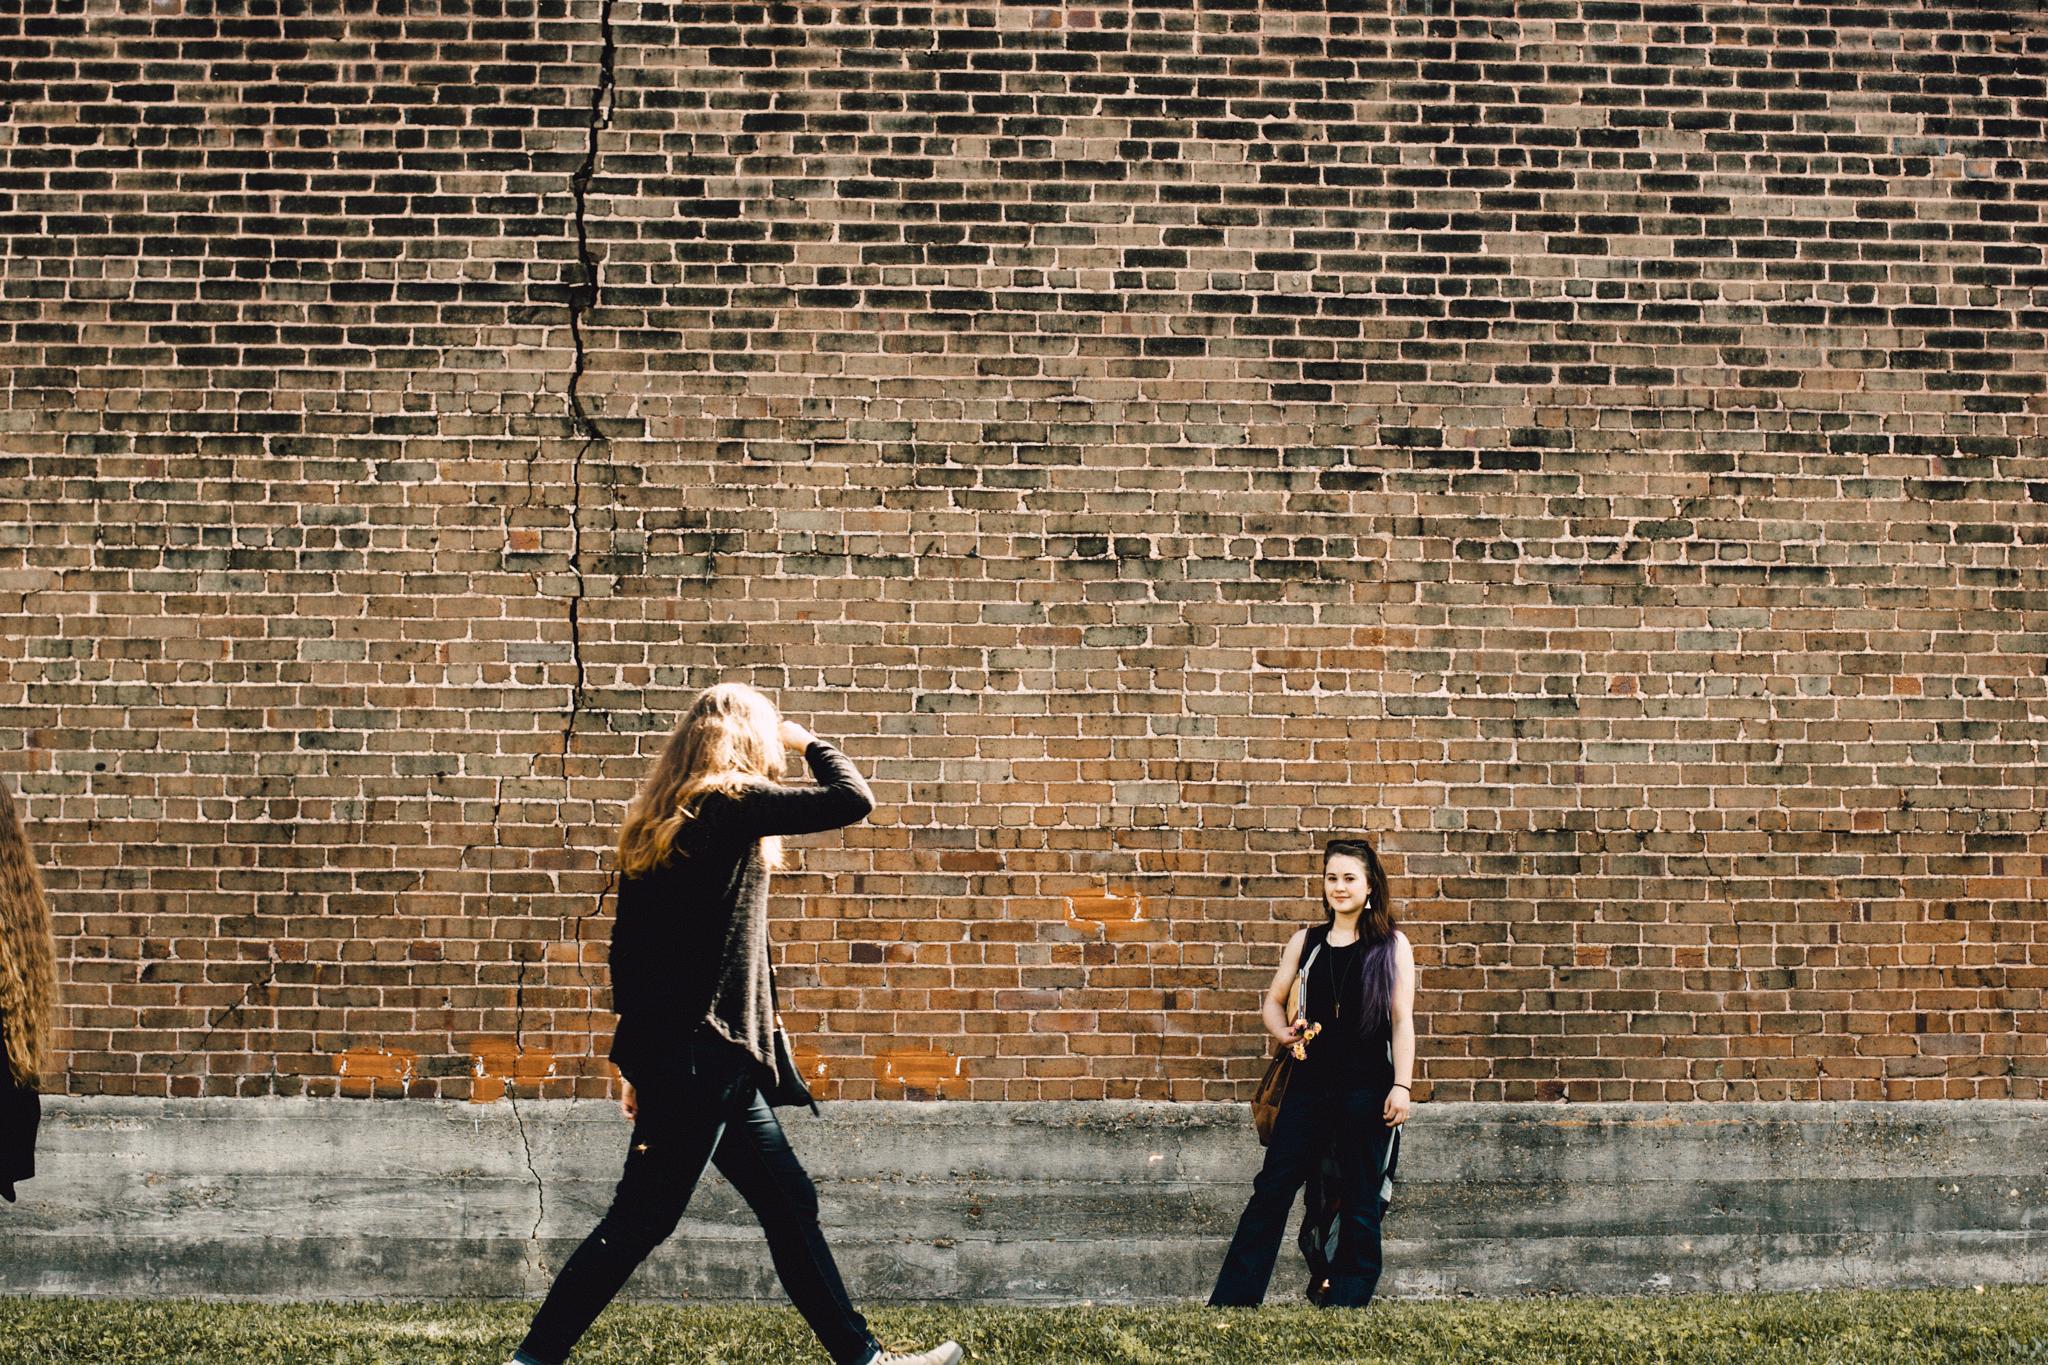 Houston Delight Girls-Johanna Schnakenberg-9.jpg